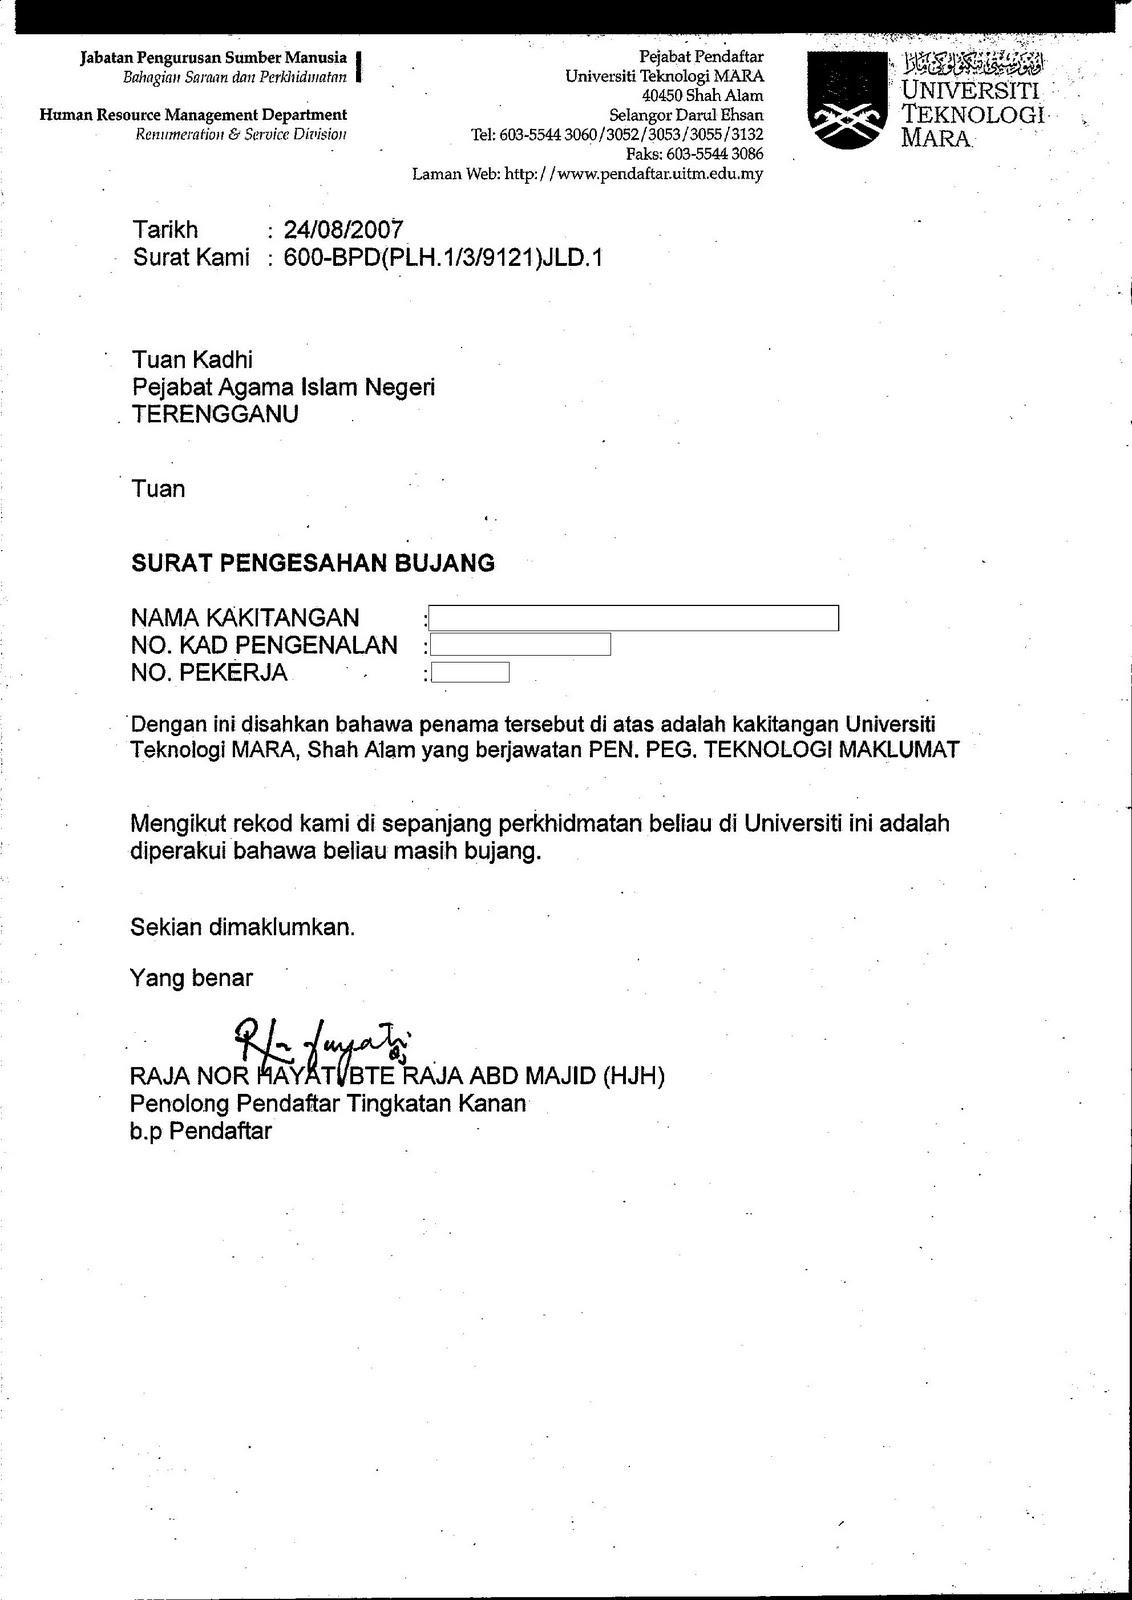 Contoh Surat Akuan Bersumpah Tidak Bekerja